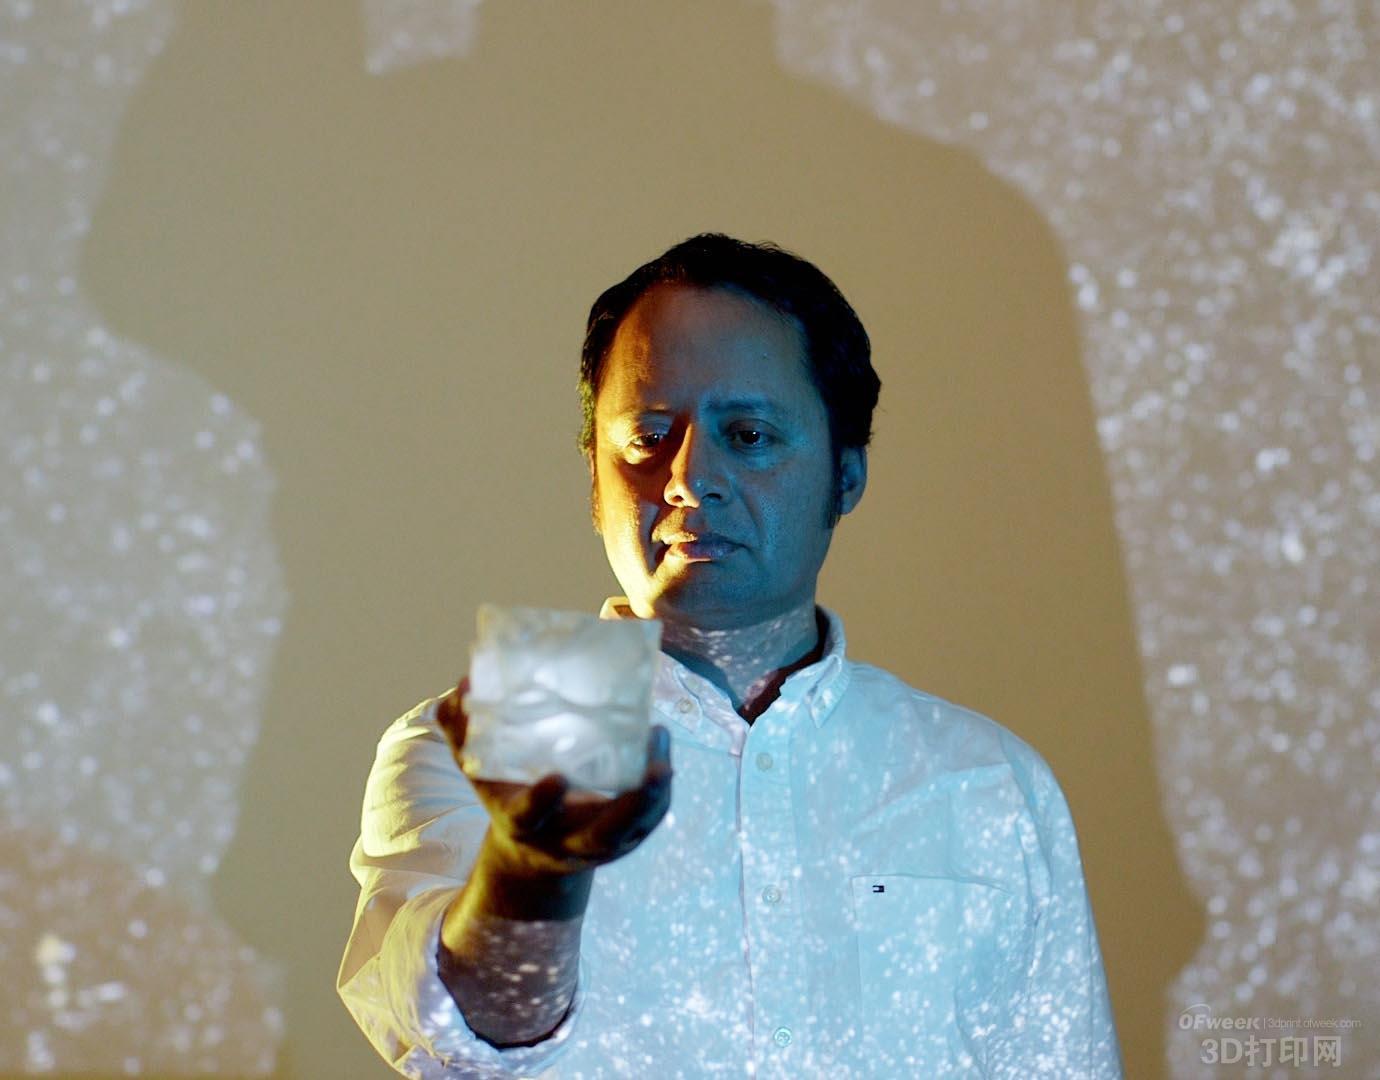 加州大学通过3D打印技术研究宇宙奥秘